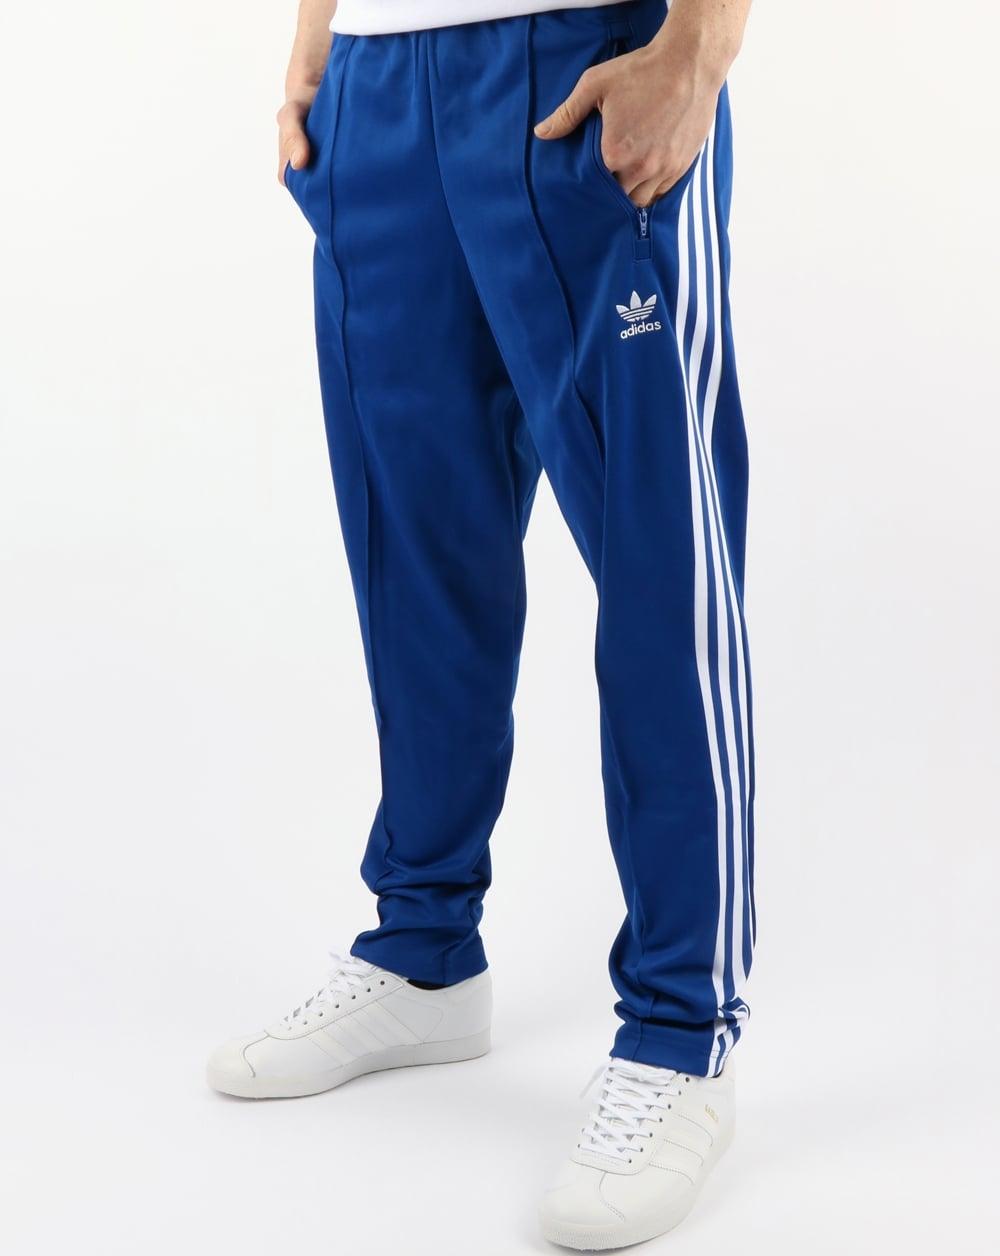 97a8c2f83538 adidas Originals Adidas Originals Beckenbauer Track Pants Royal